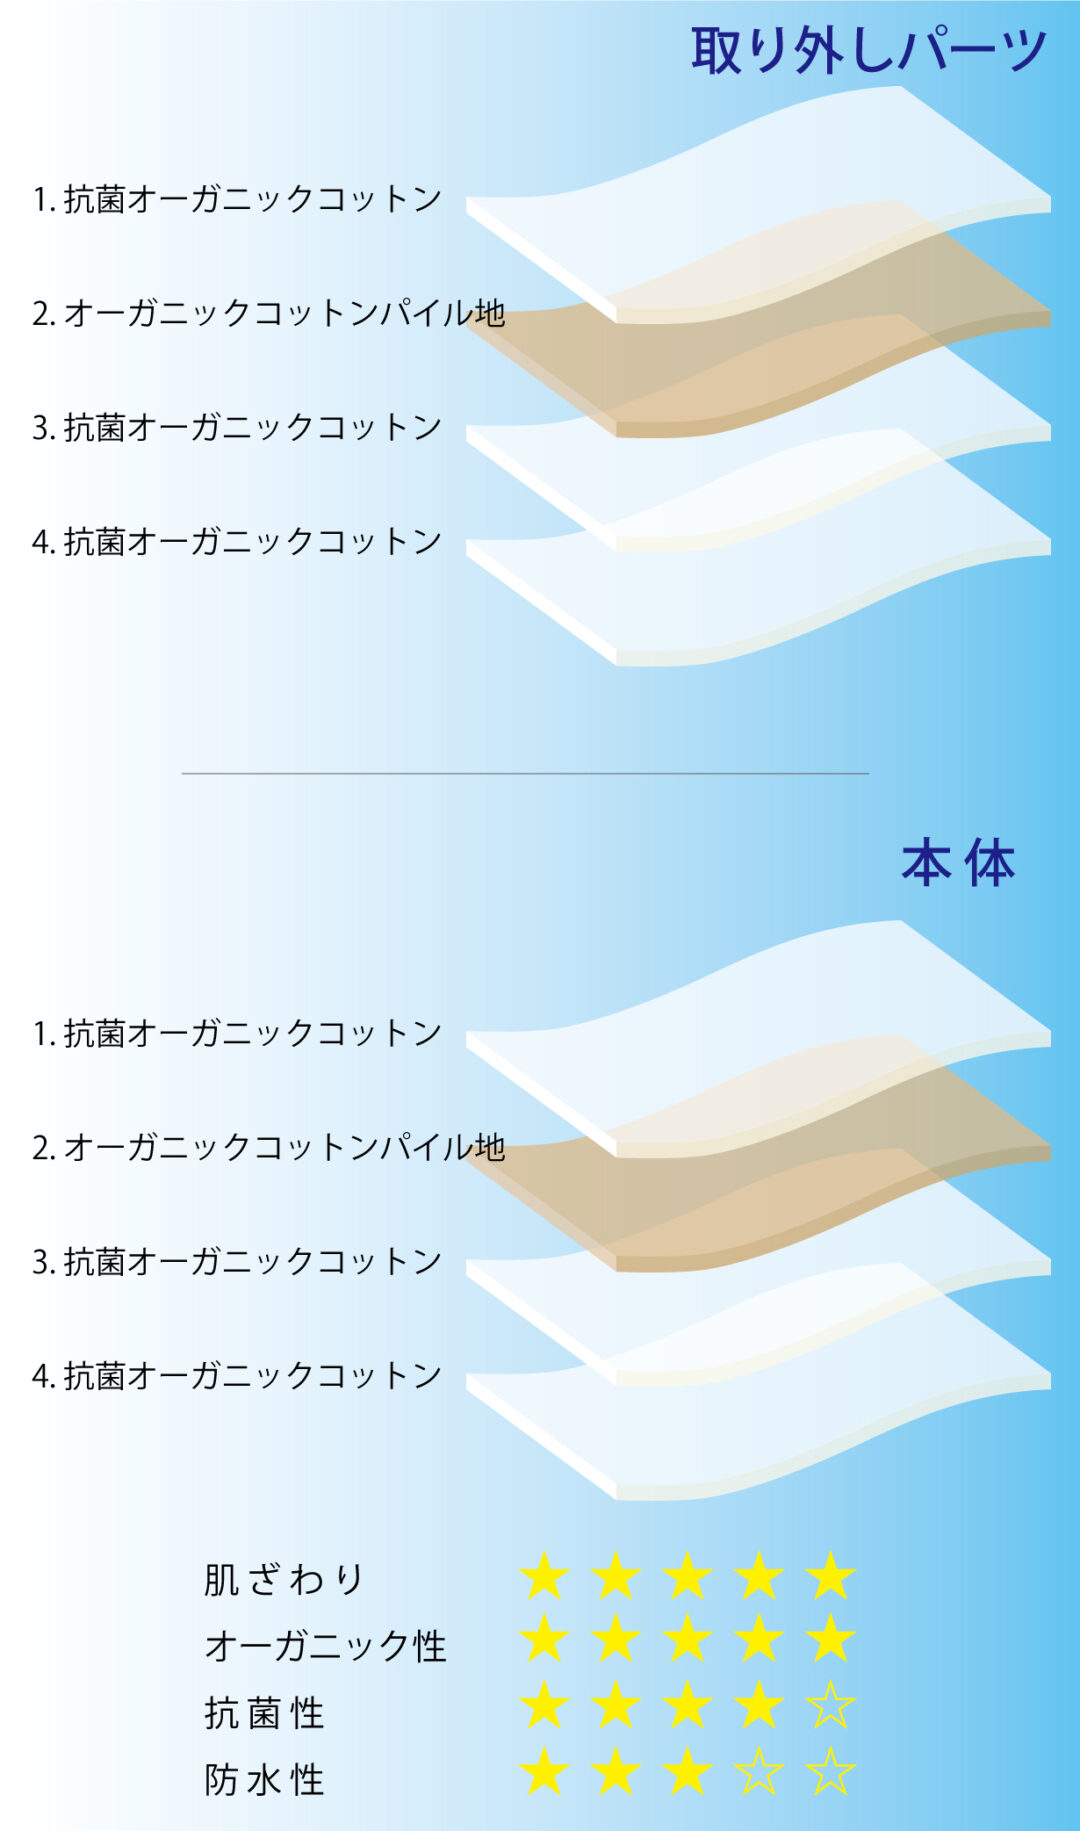 スーパー布ナプキン